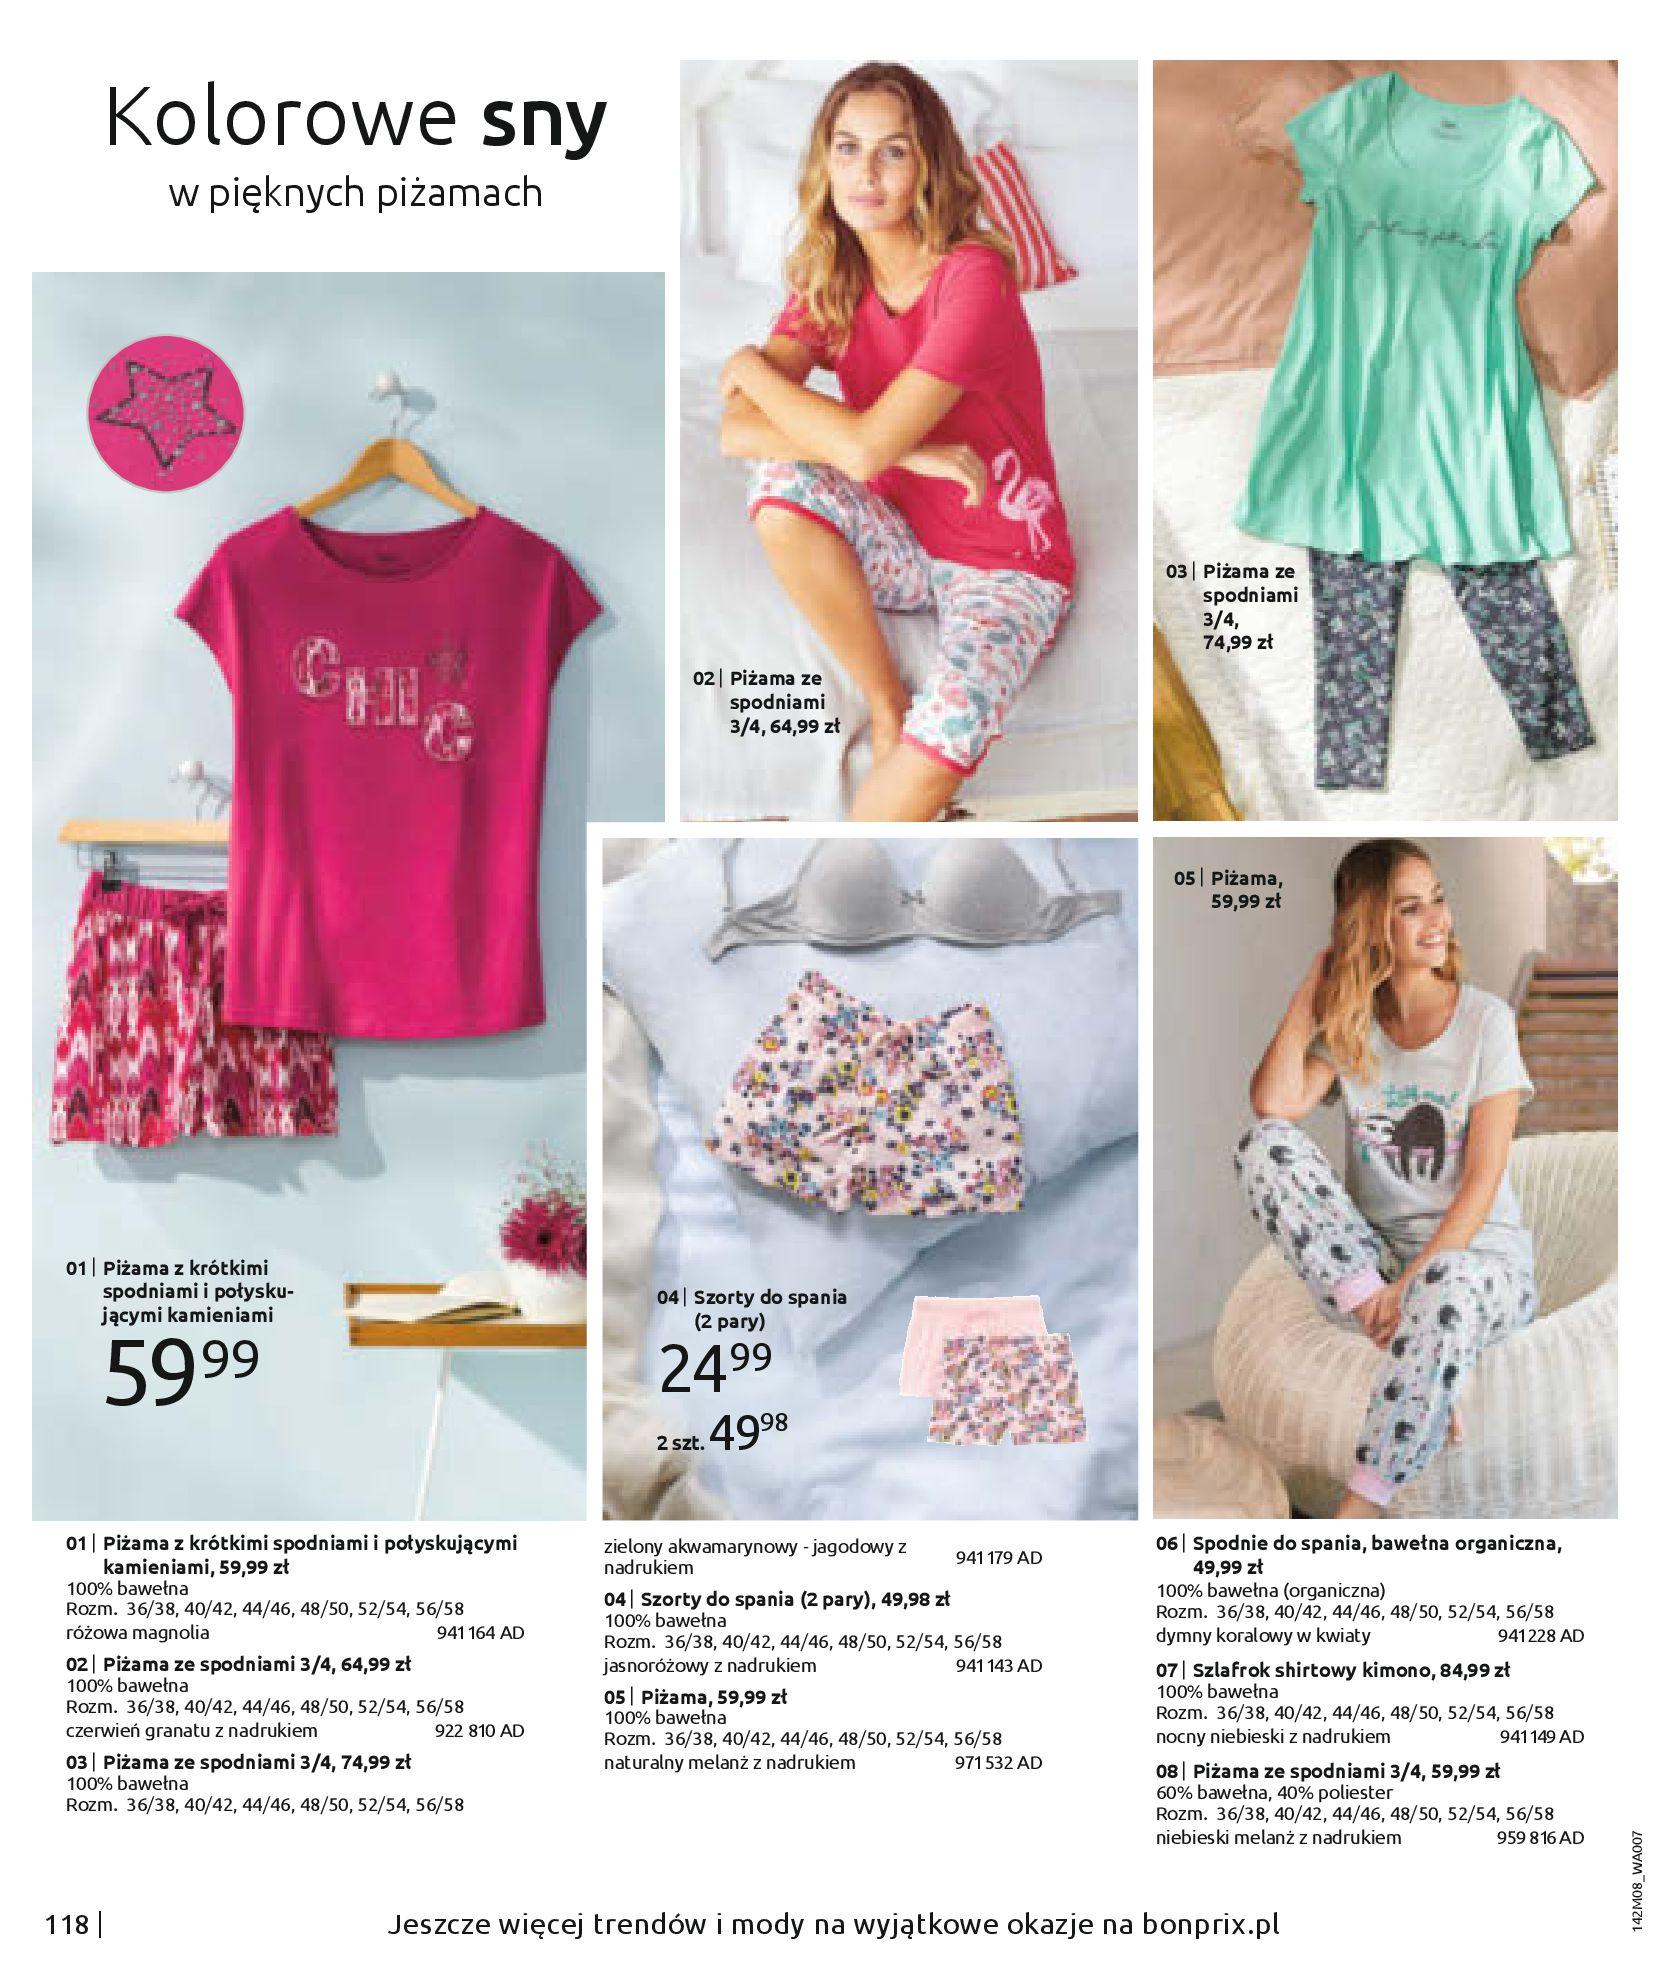 Gazetka Bonprix - Hity dżinsowej mody!-25.08.2020-10.02.2021-page-120